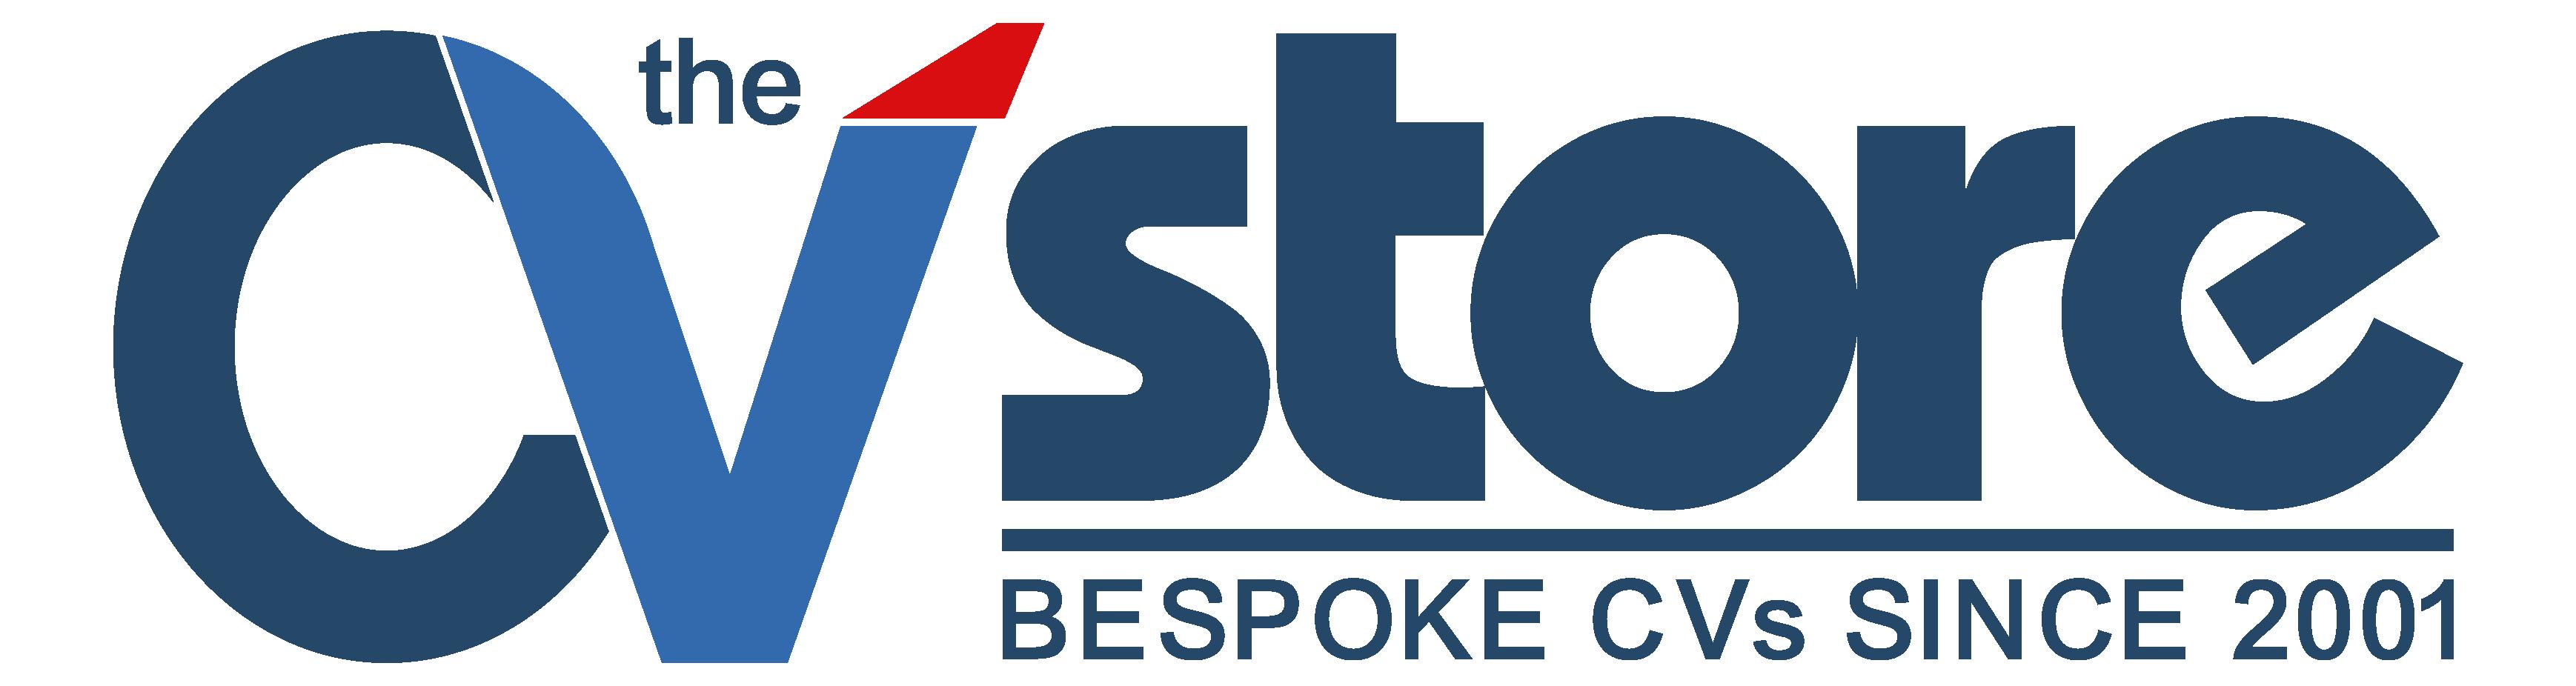 The CV Store Logo